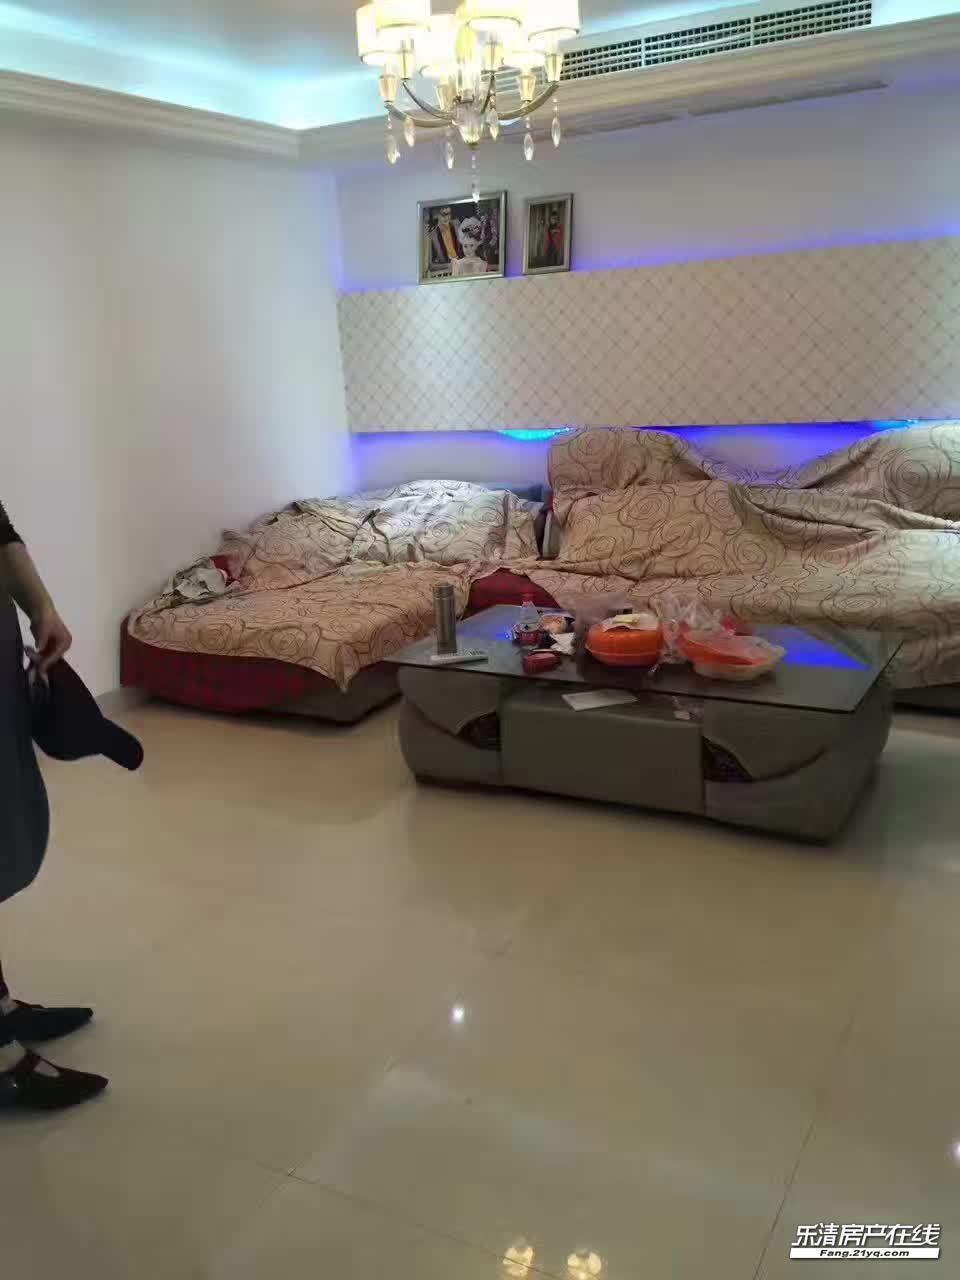 丹霞小区商品房95平方现代装修3室1厅1卫家电齐全出租